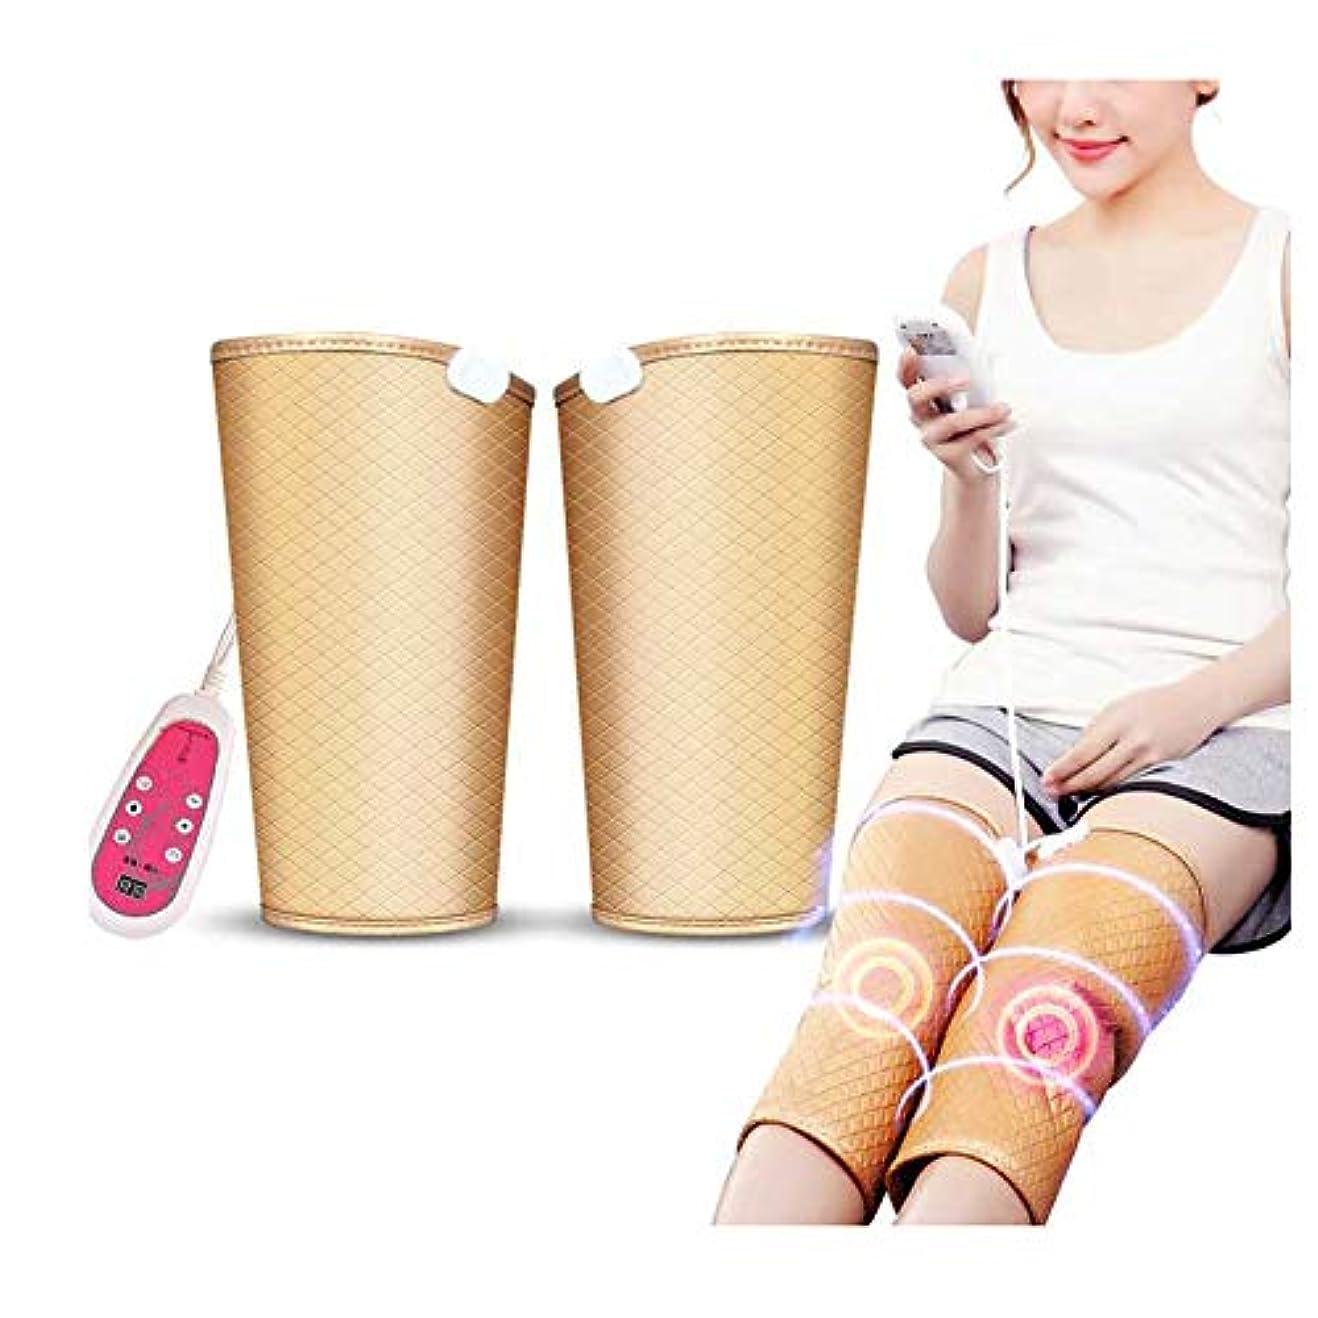 インレイパントリー自分暖房膝サポート9マッサージモードと膝のけがのための5つの速度でラップ膝温めラップパッド療法マッサージャー